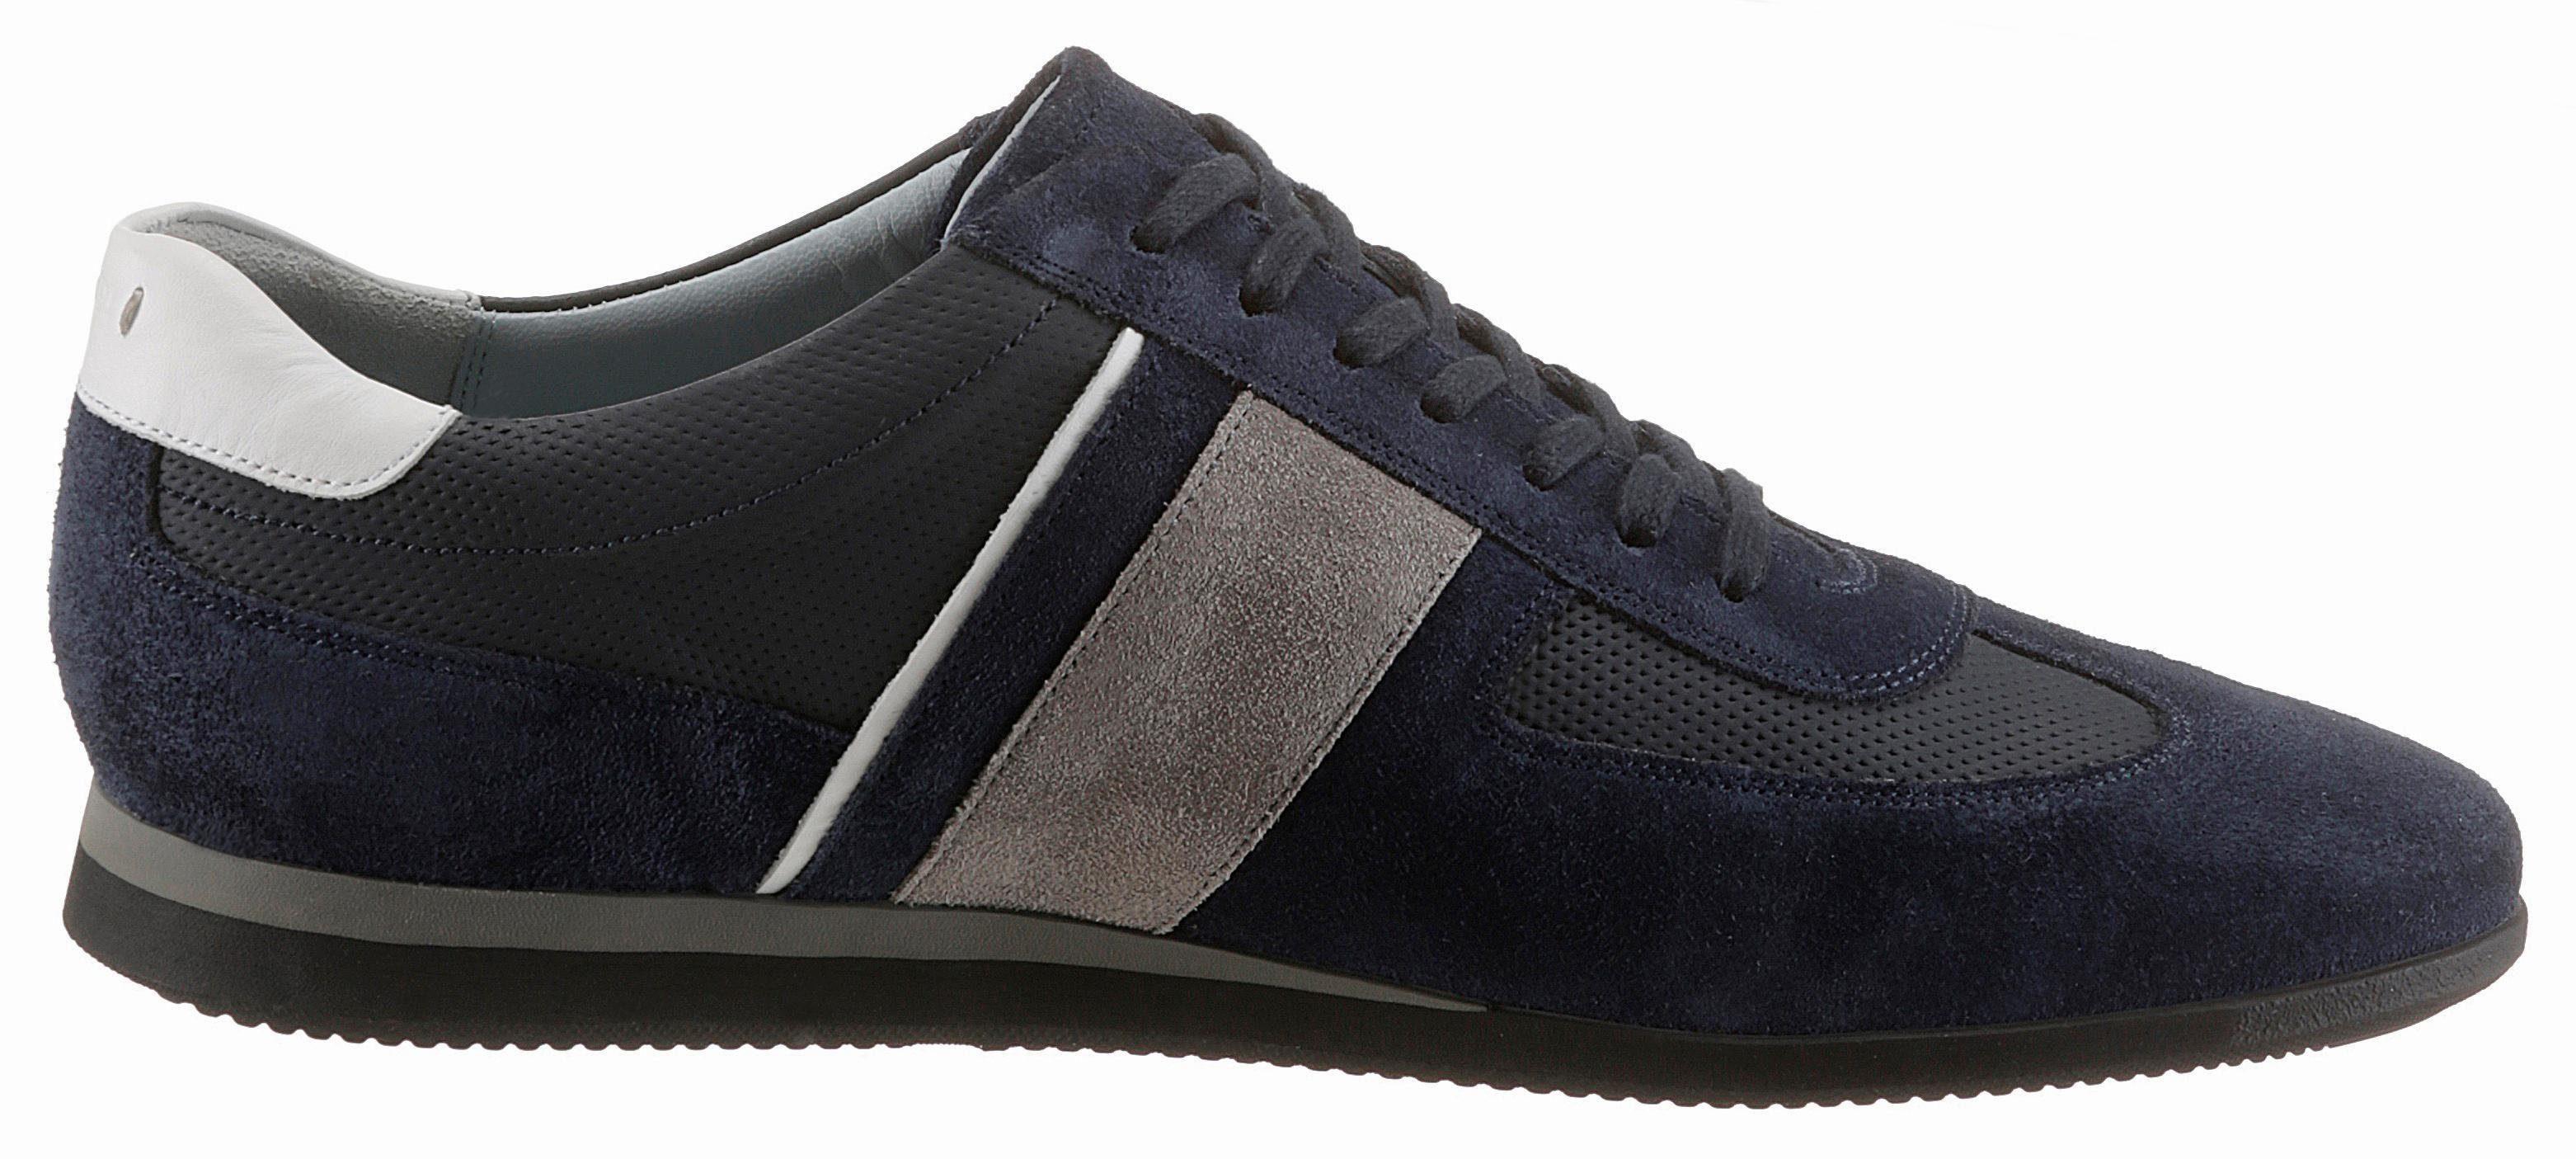 Artikel Joop Kaufen Online Hernas nr Kontrastfarbenen Sneaker Dunkelblau 9011823590 Mit Einsätzen O0wOgq